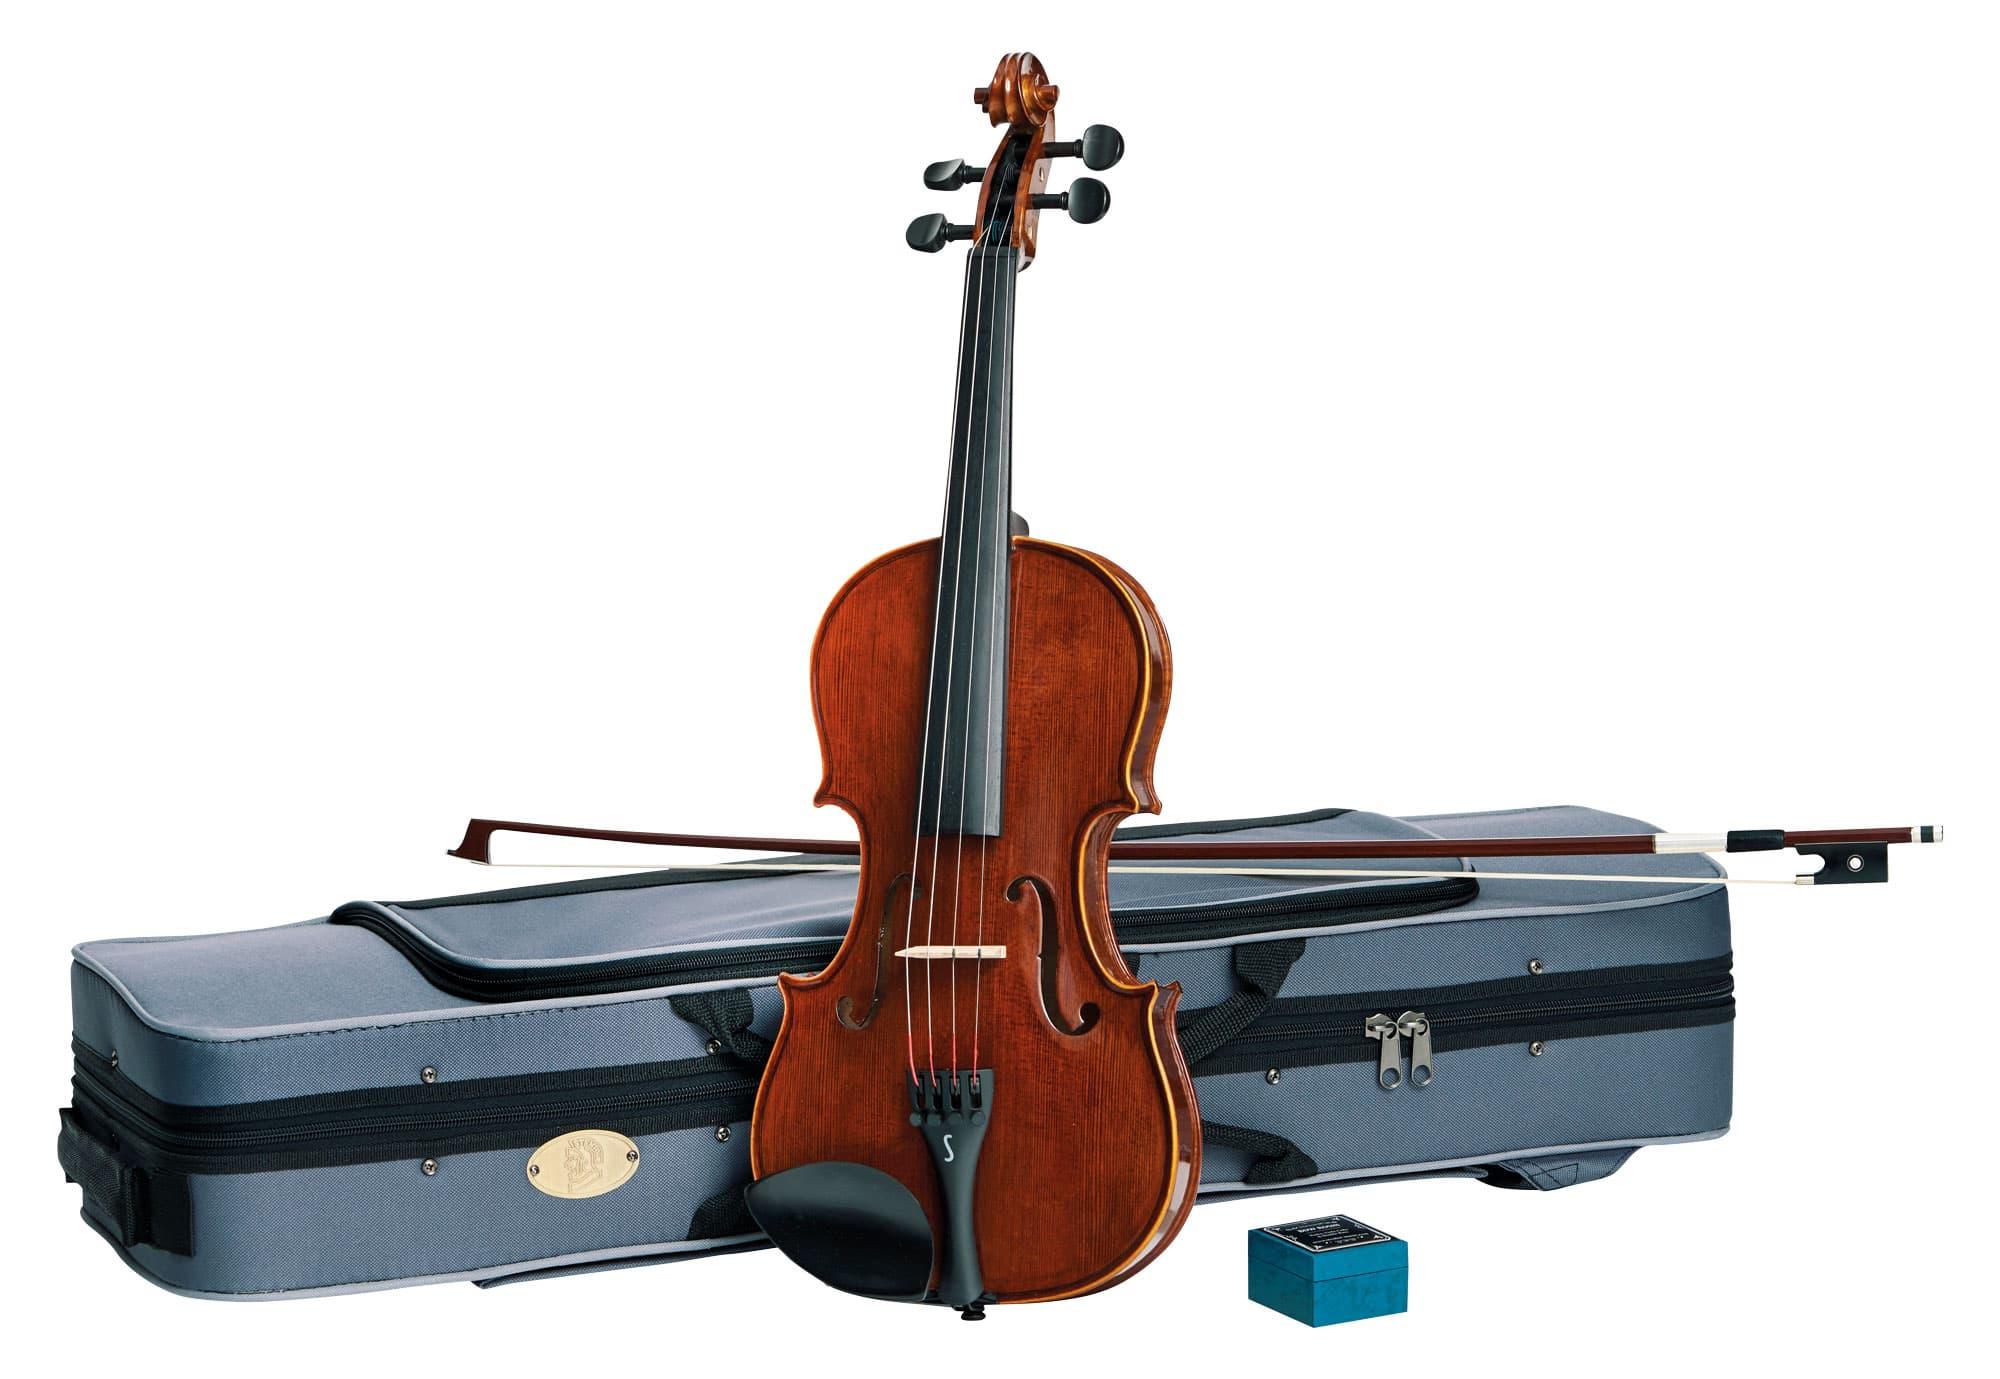 Violinen - Stentor SR1550 4|4 Conservatoire Violinset - Onlineshop Musikhaus Kirstein